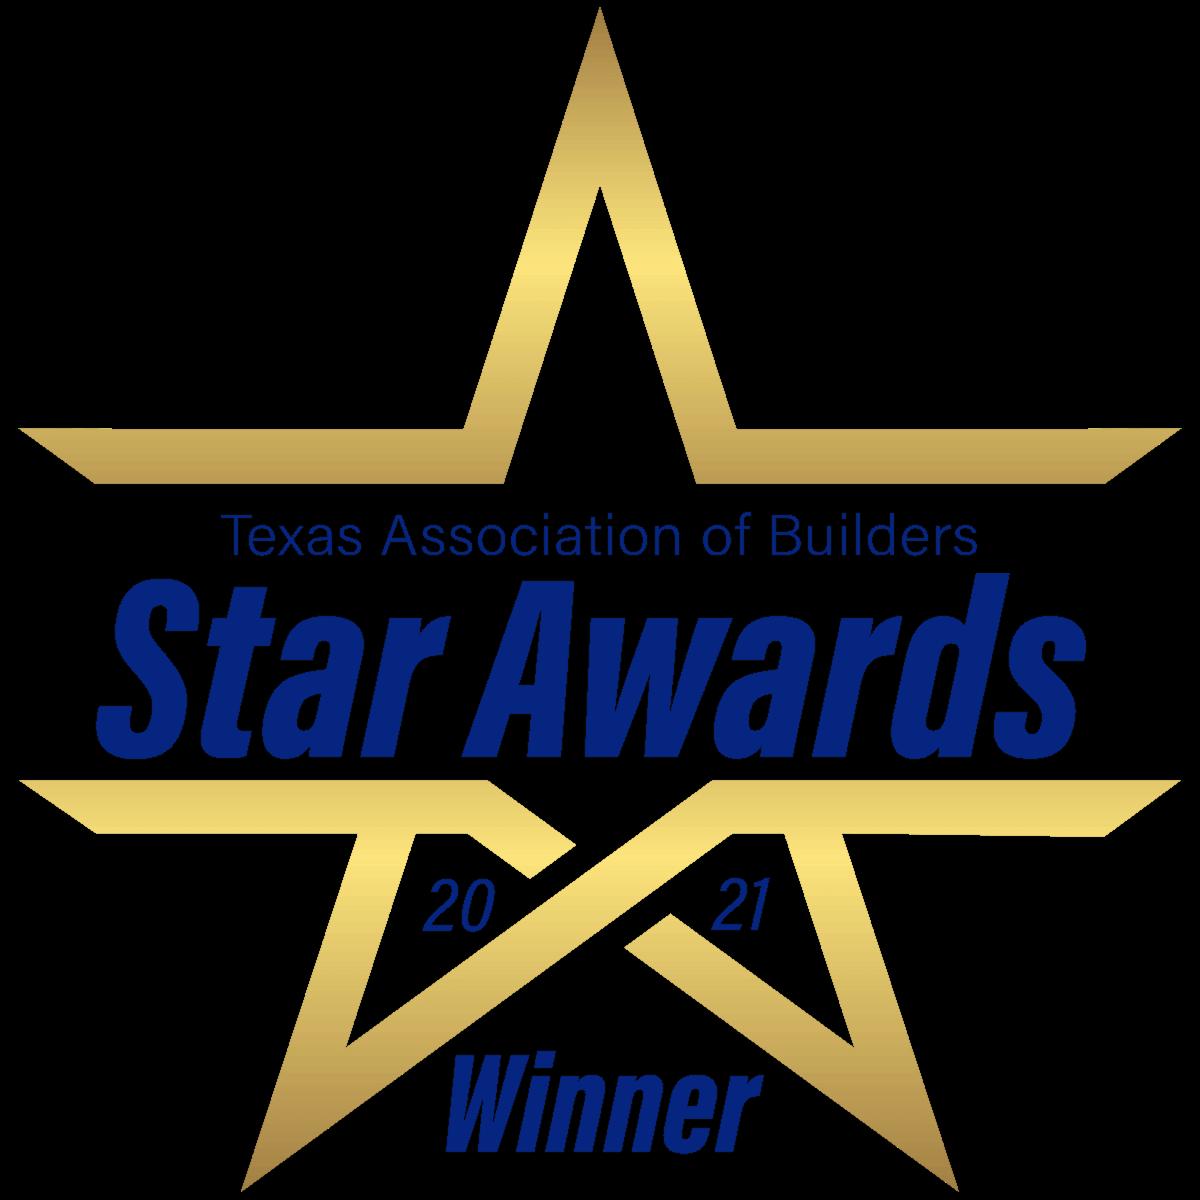 Texas Association of Builders Star Awards 2021 Winner